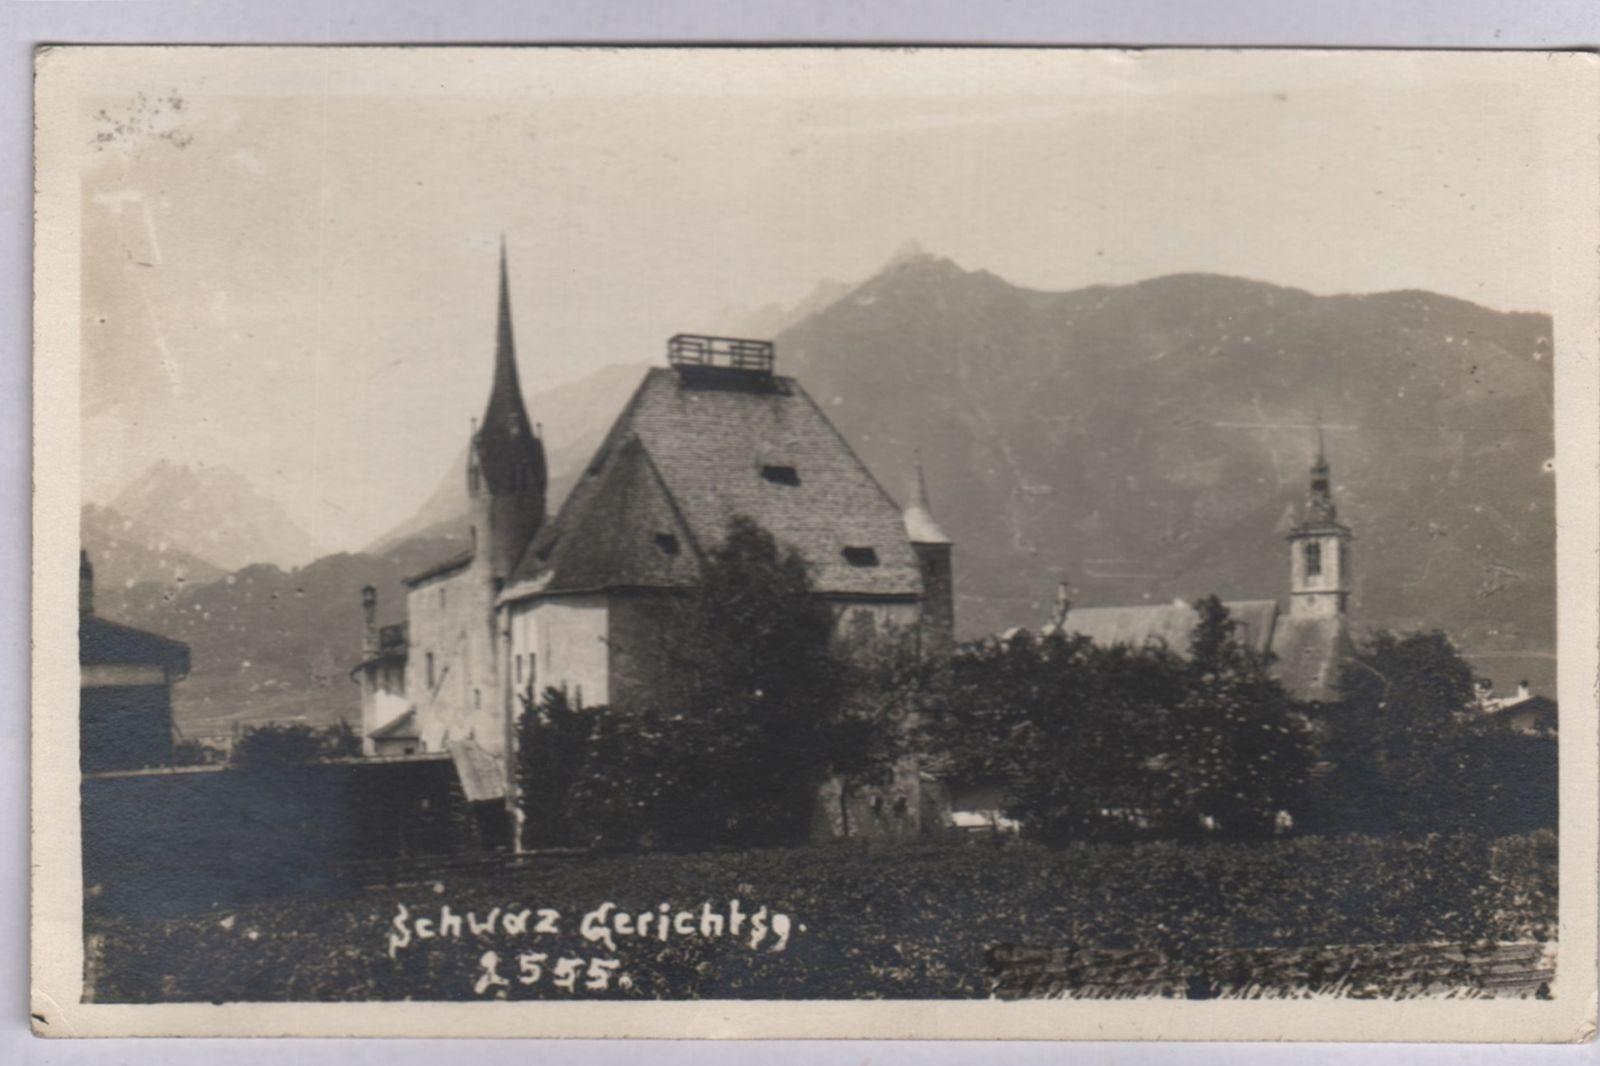 Gerichtsgebäude Schwaz / Meistersingersaal